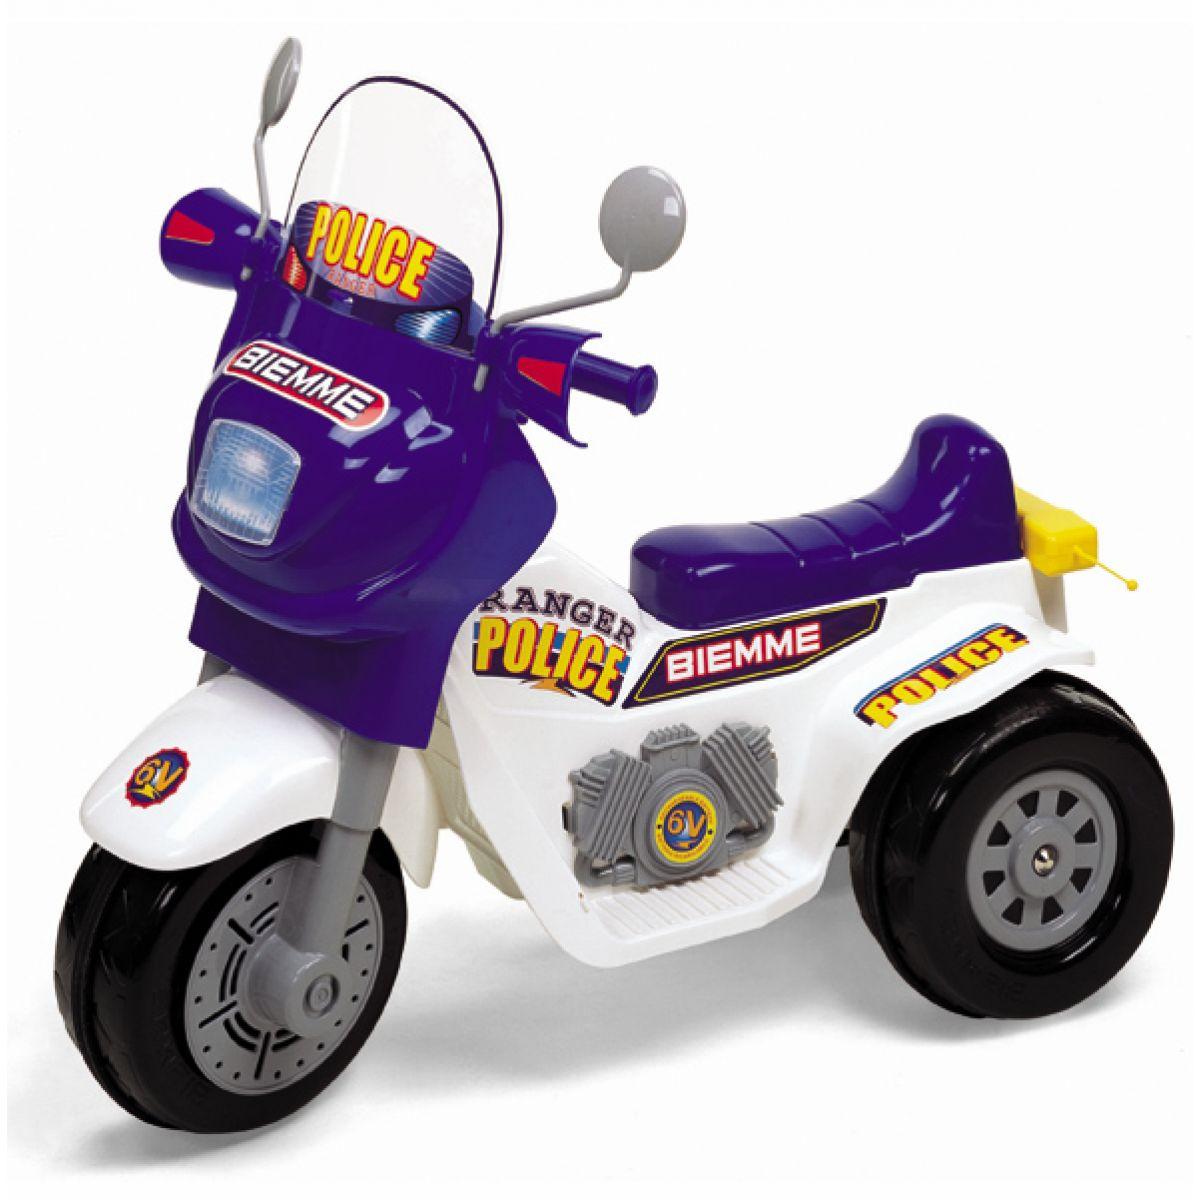 Motorka RANGER policie 6V Biemme